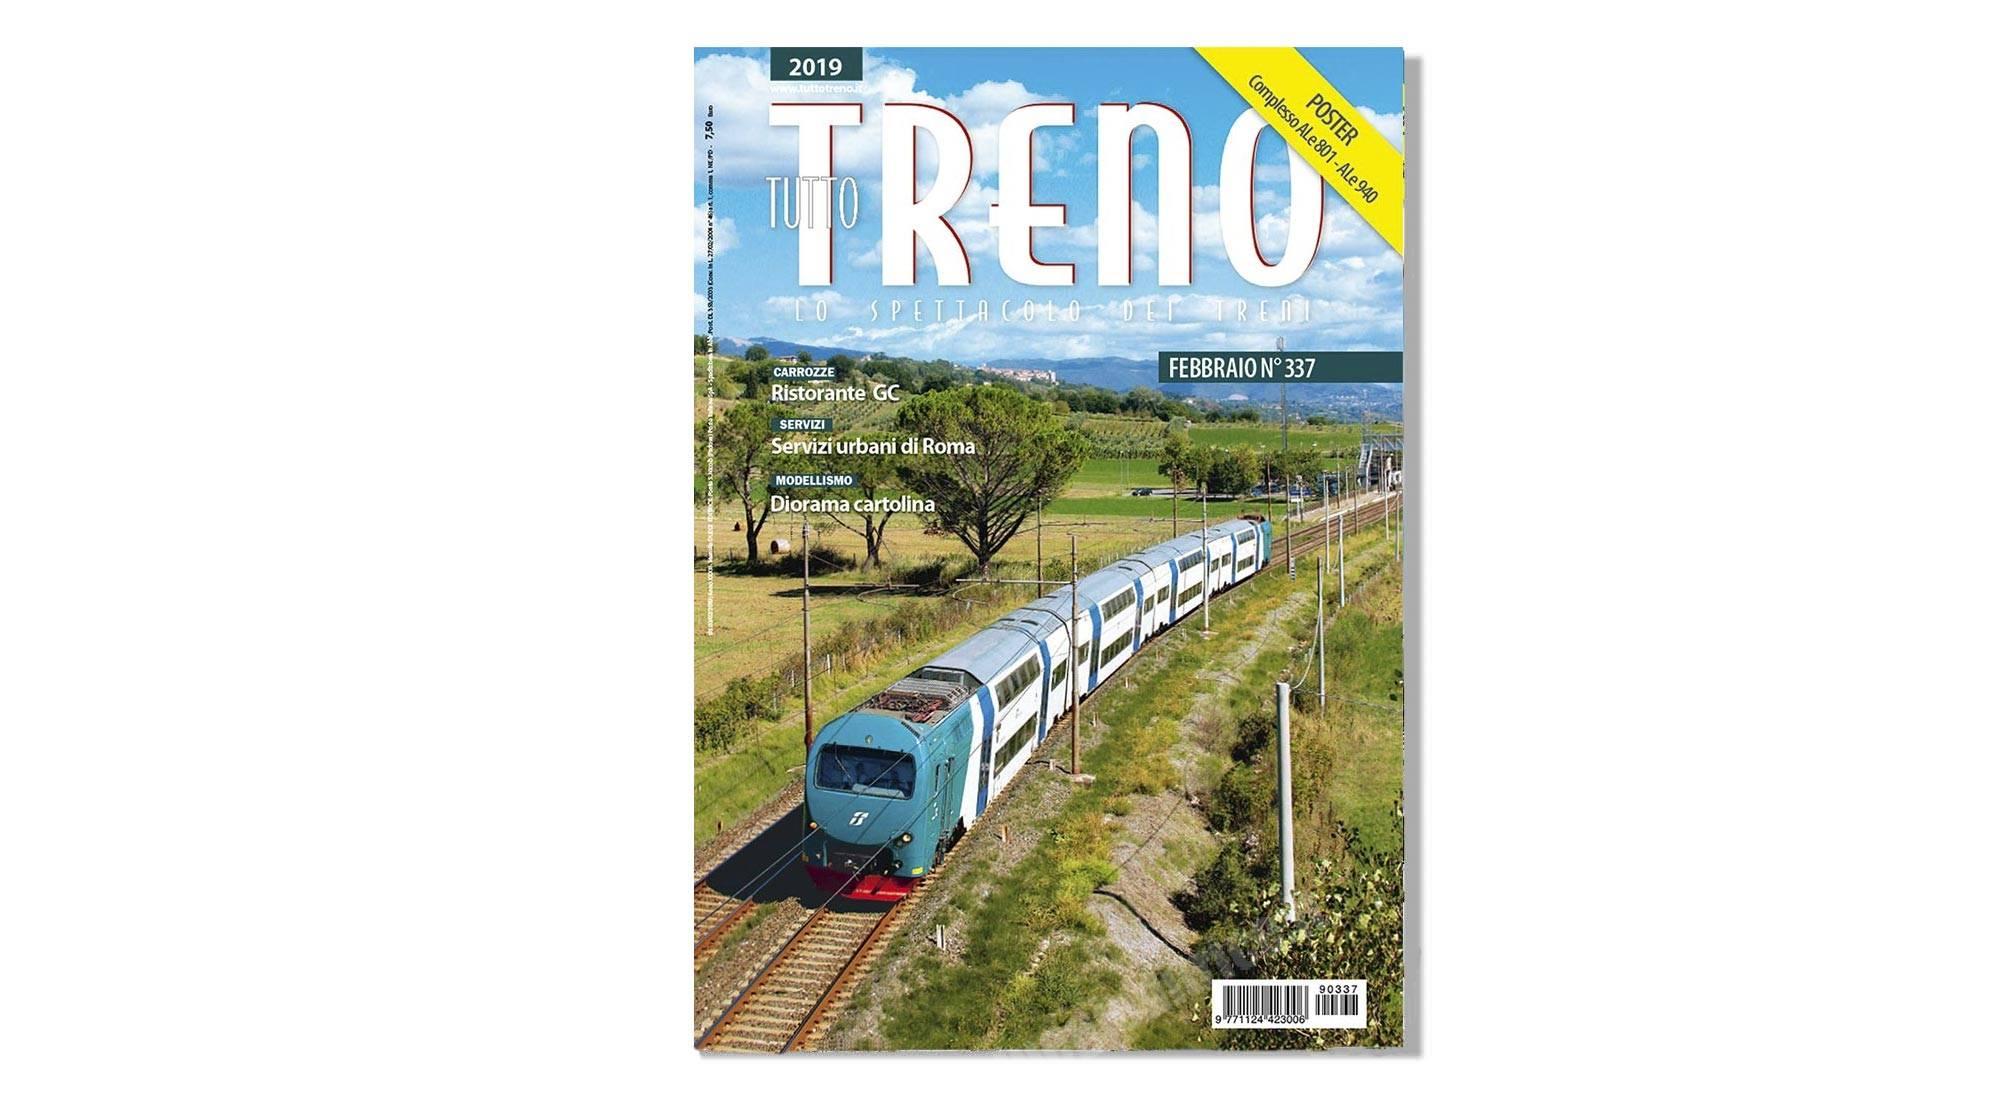 tT337-copertina-ok